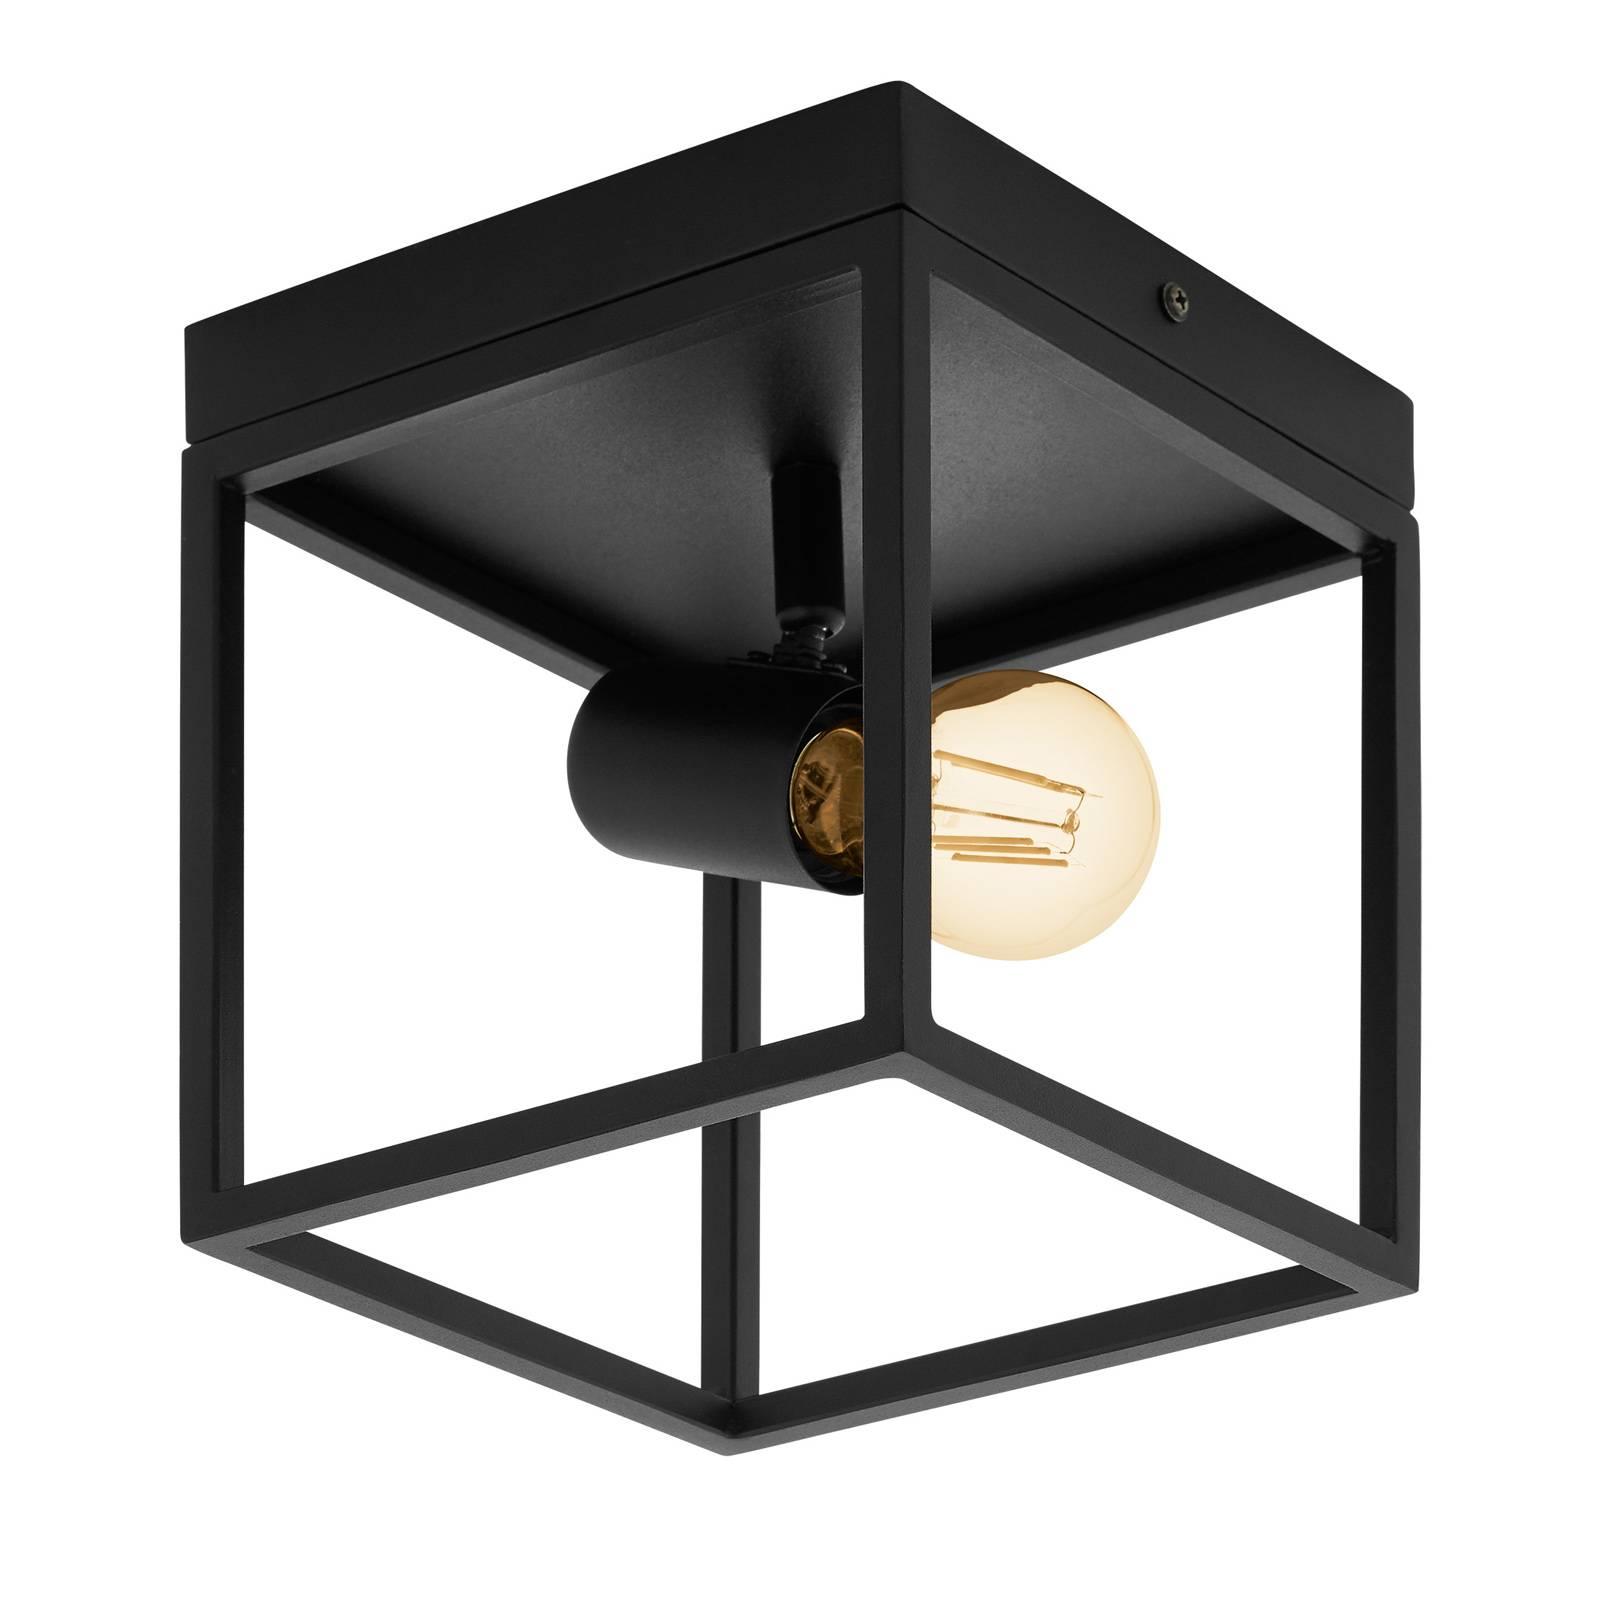 Plafondlamp Silentina 1-lamp, 18x18cm